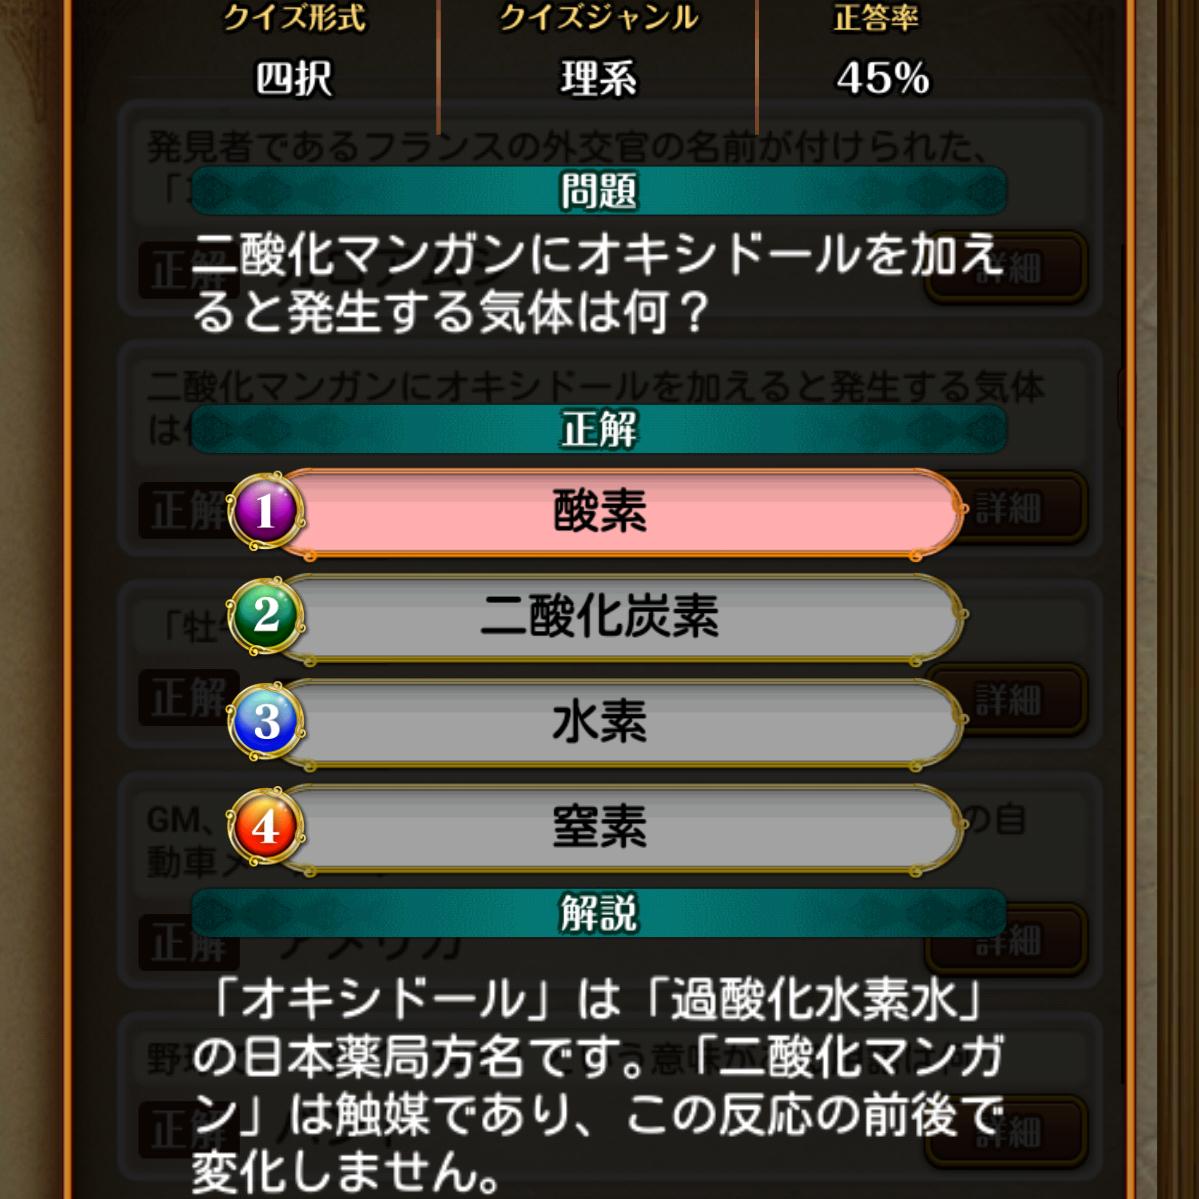 f:id:Tairax:20210626162541p:plain